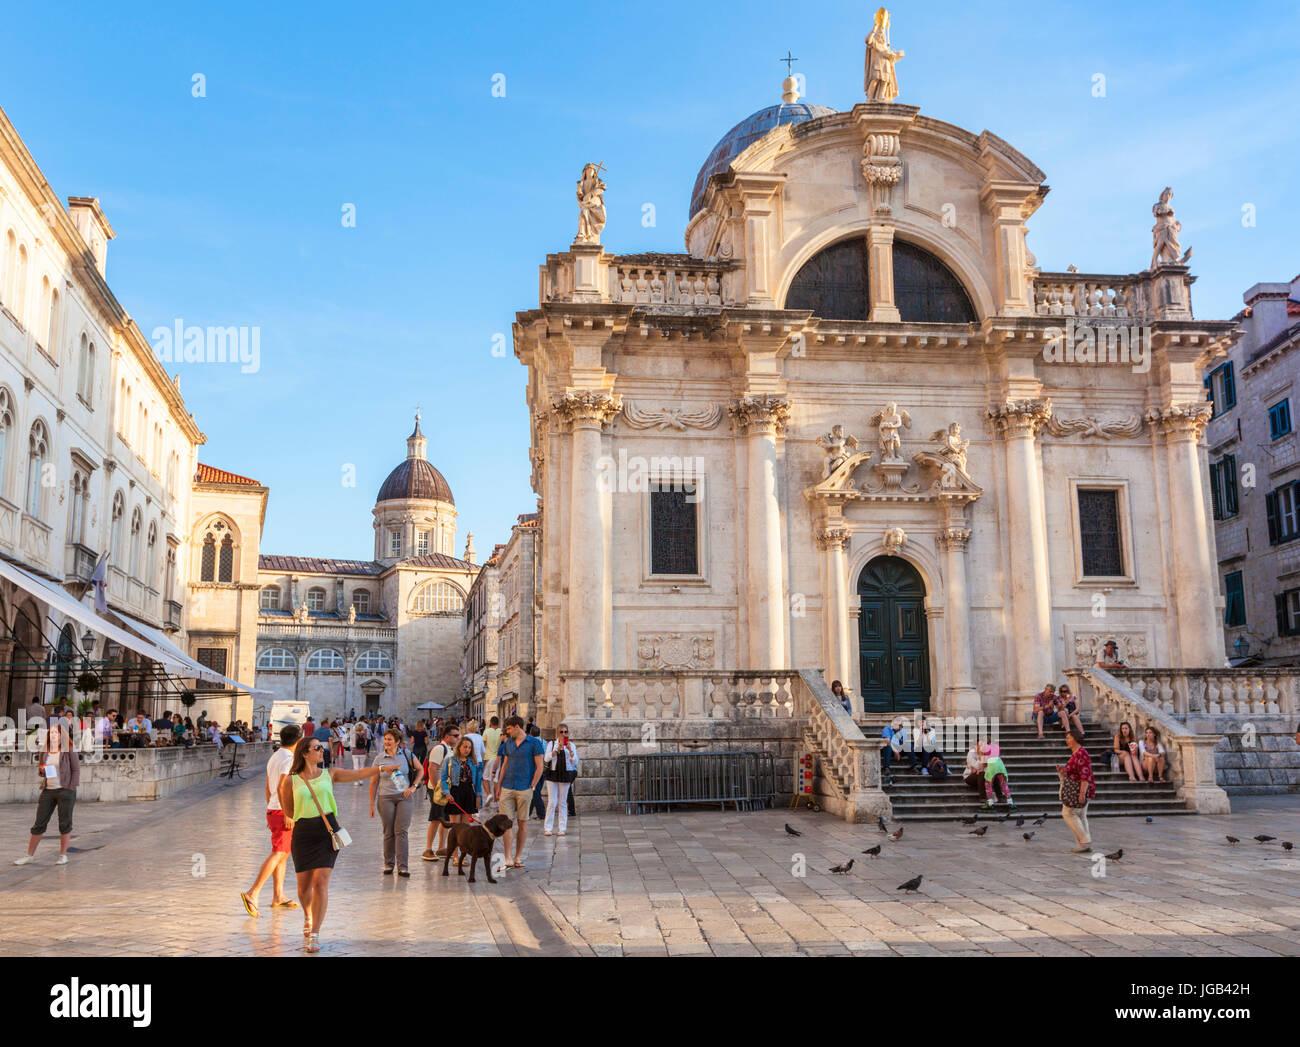 Croatia Dubrovnik Croatia Dalmatian coast Luza square old town square church of st blaise church patron saint of - Stock Image